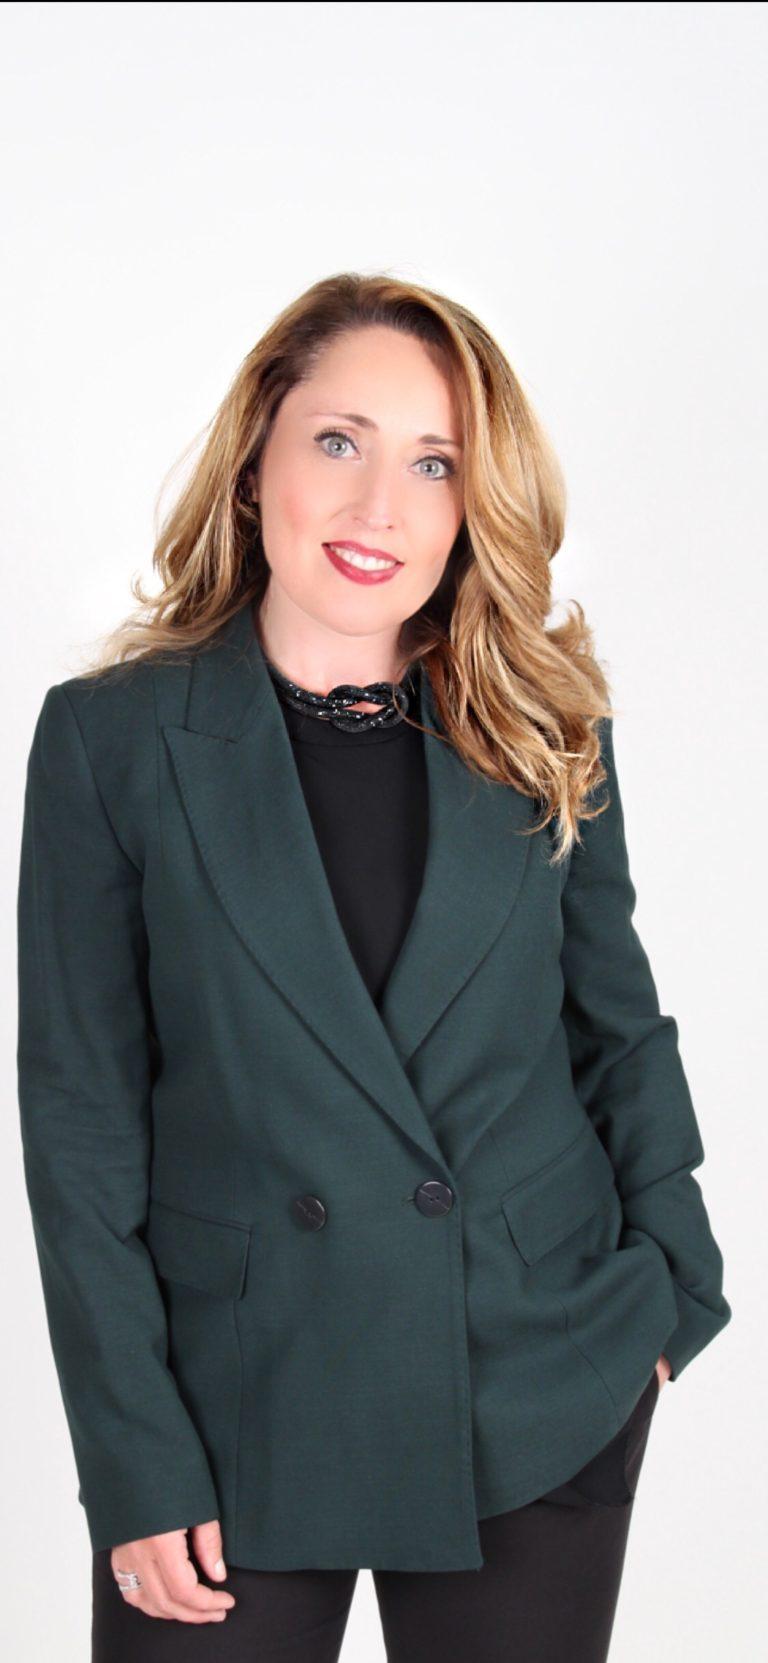 Sra. Ana Garrido López